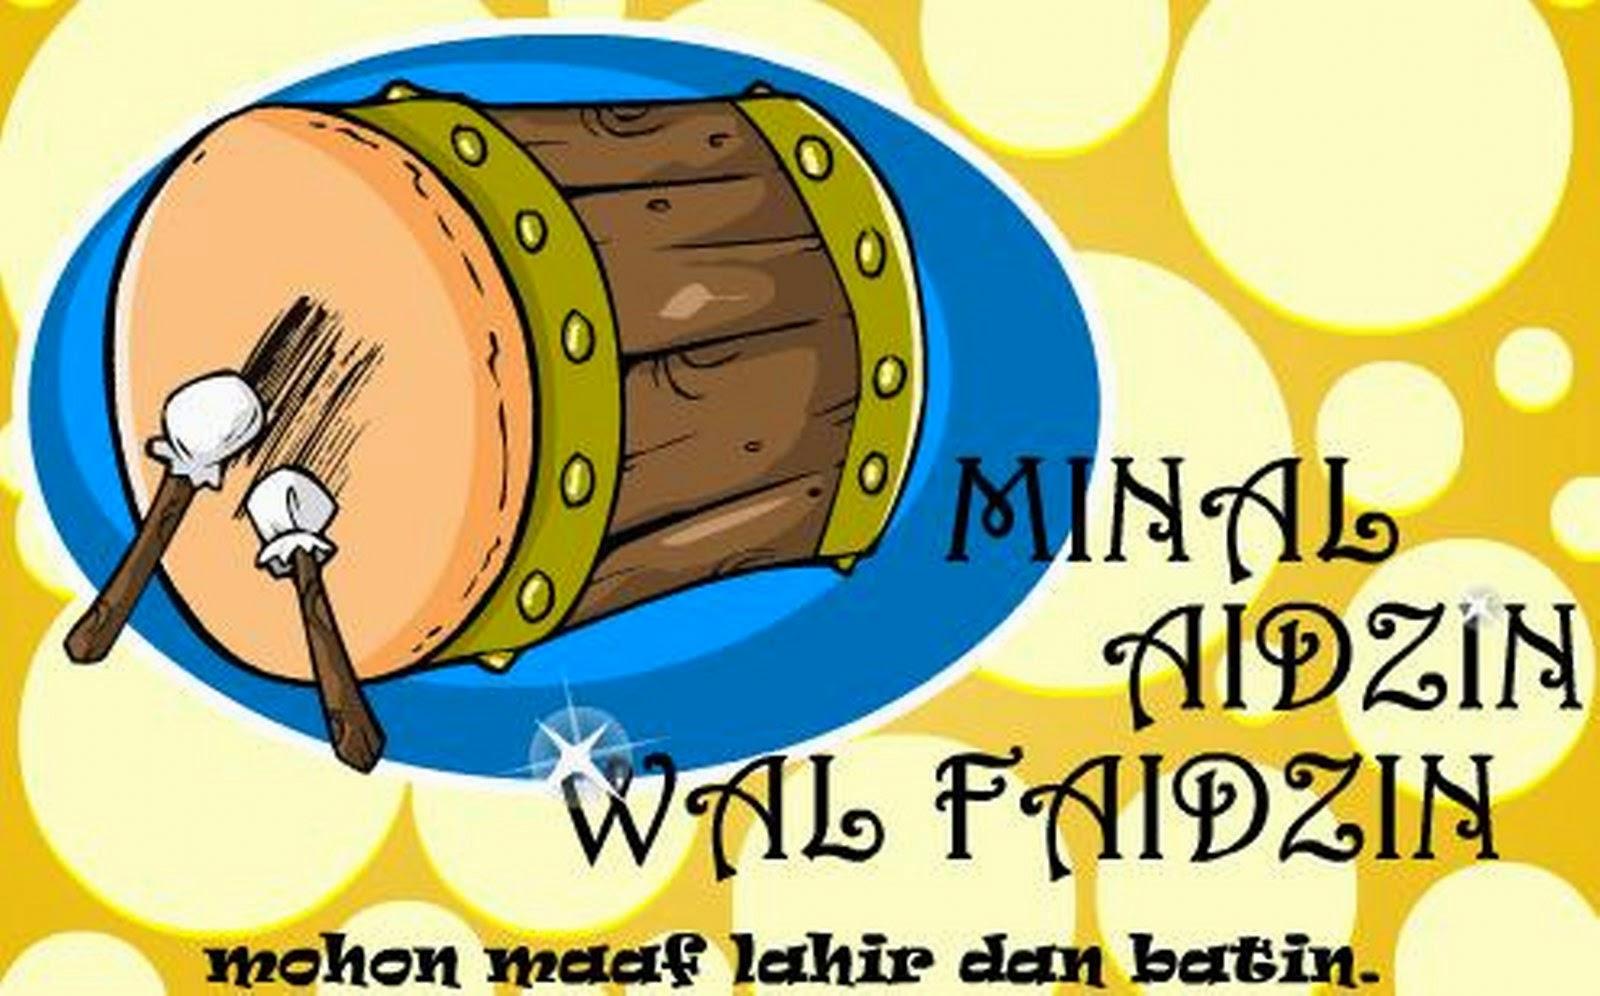 Kartun Ucapan Selamat Hari Raya Iedul Fitri